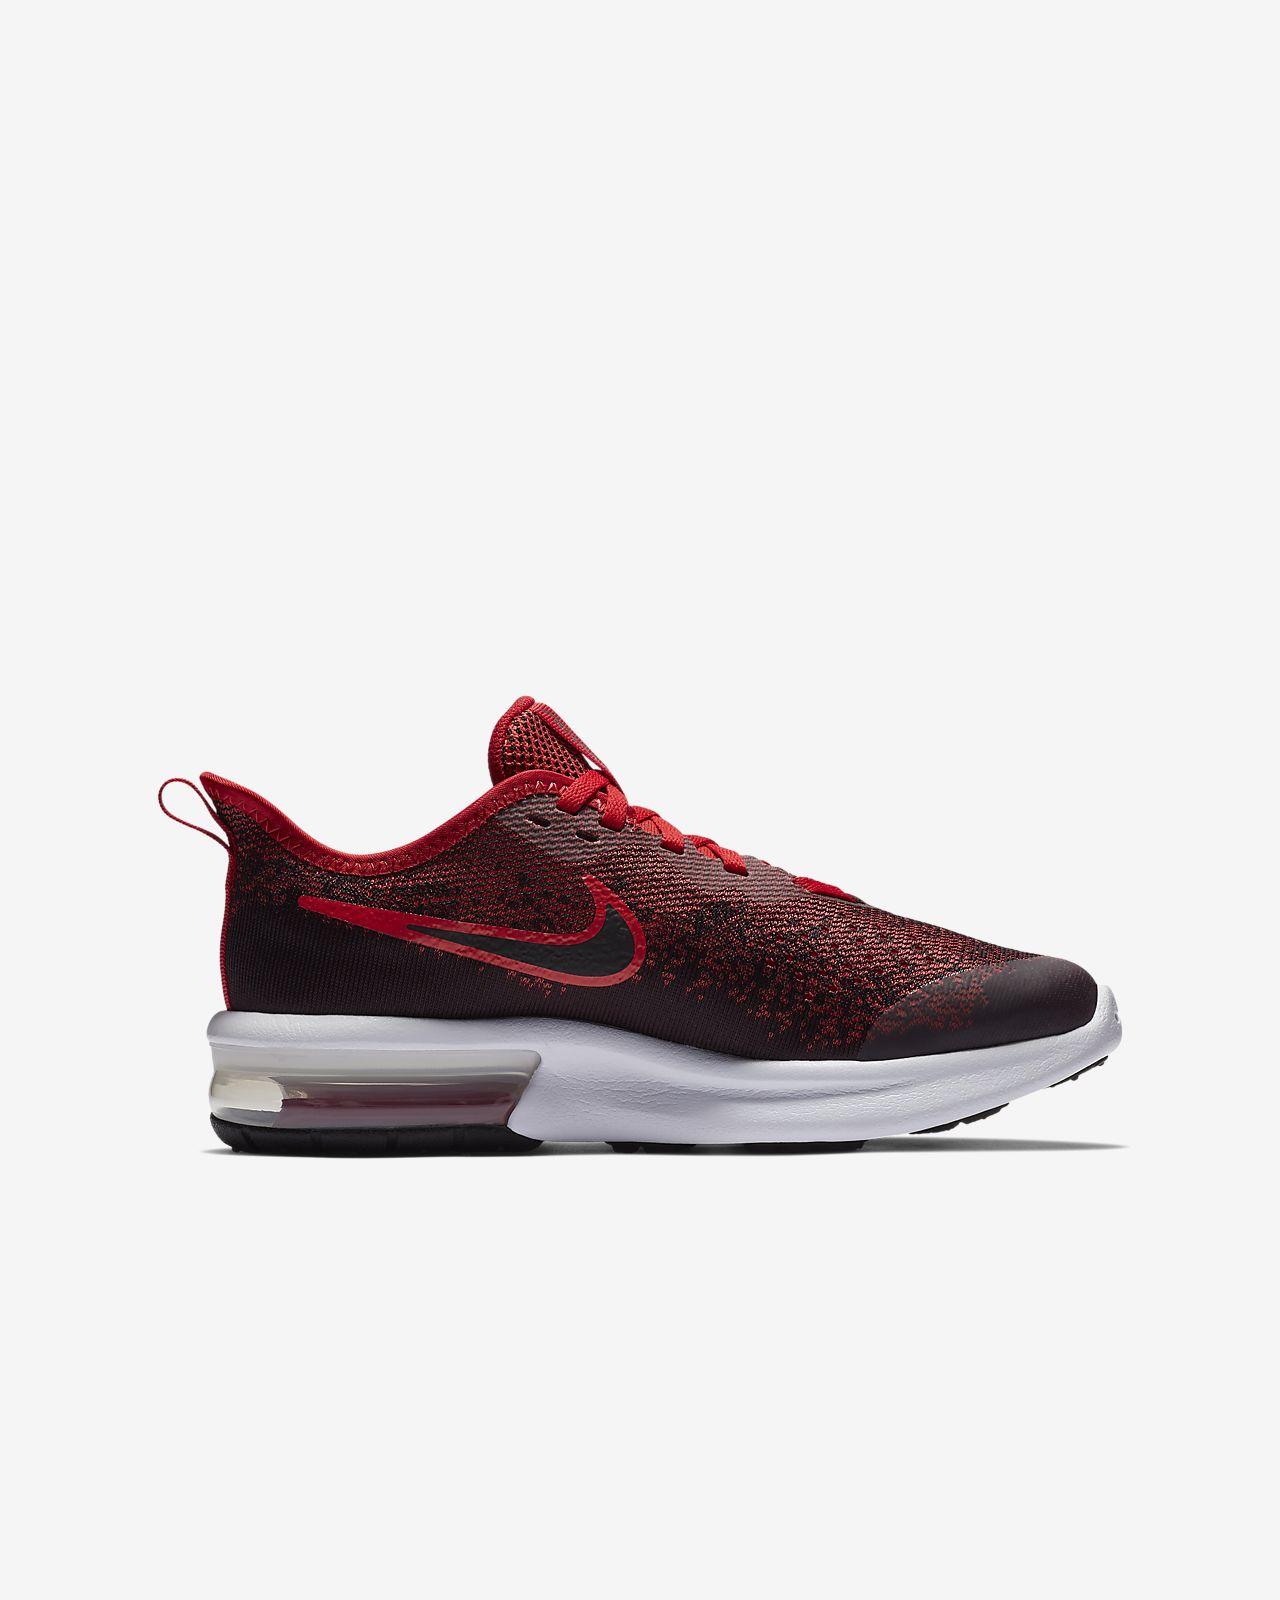 Couleurs variées 0ce90 a8028 Nike Air Max Sequent 4 Older Kids' Shoe